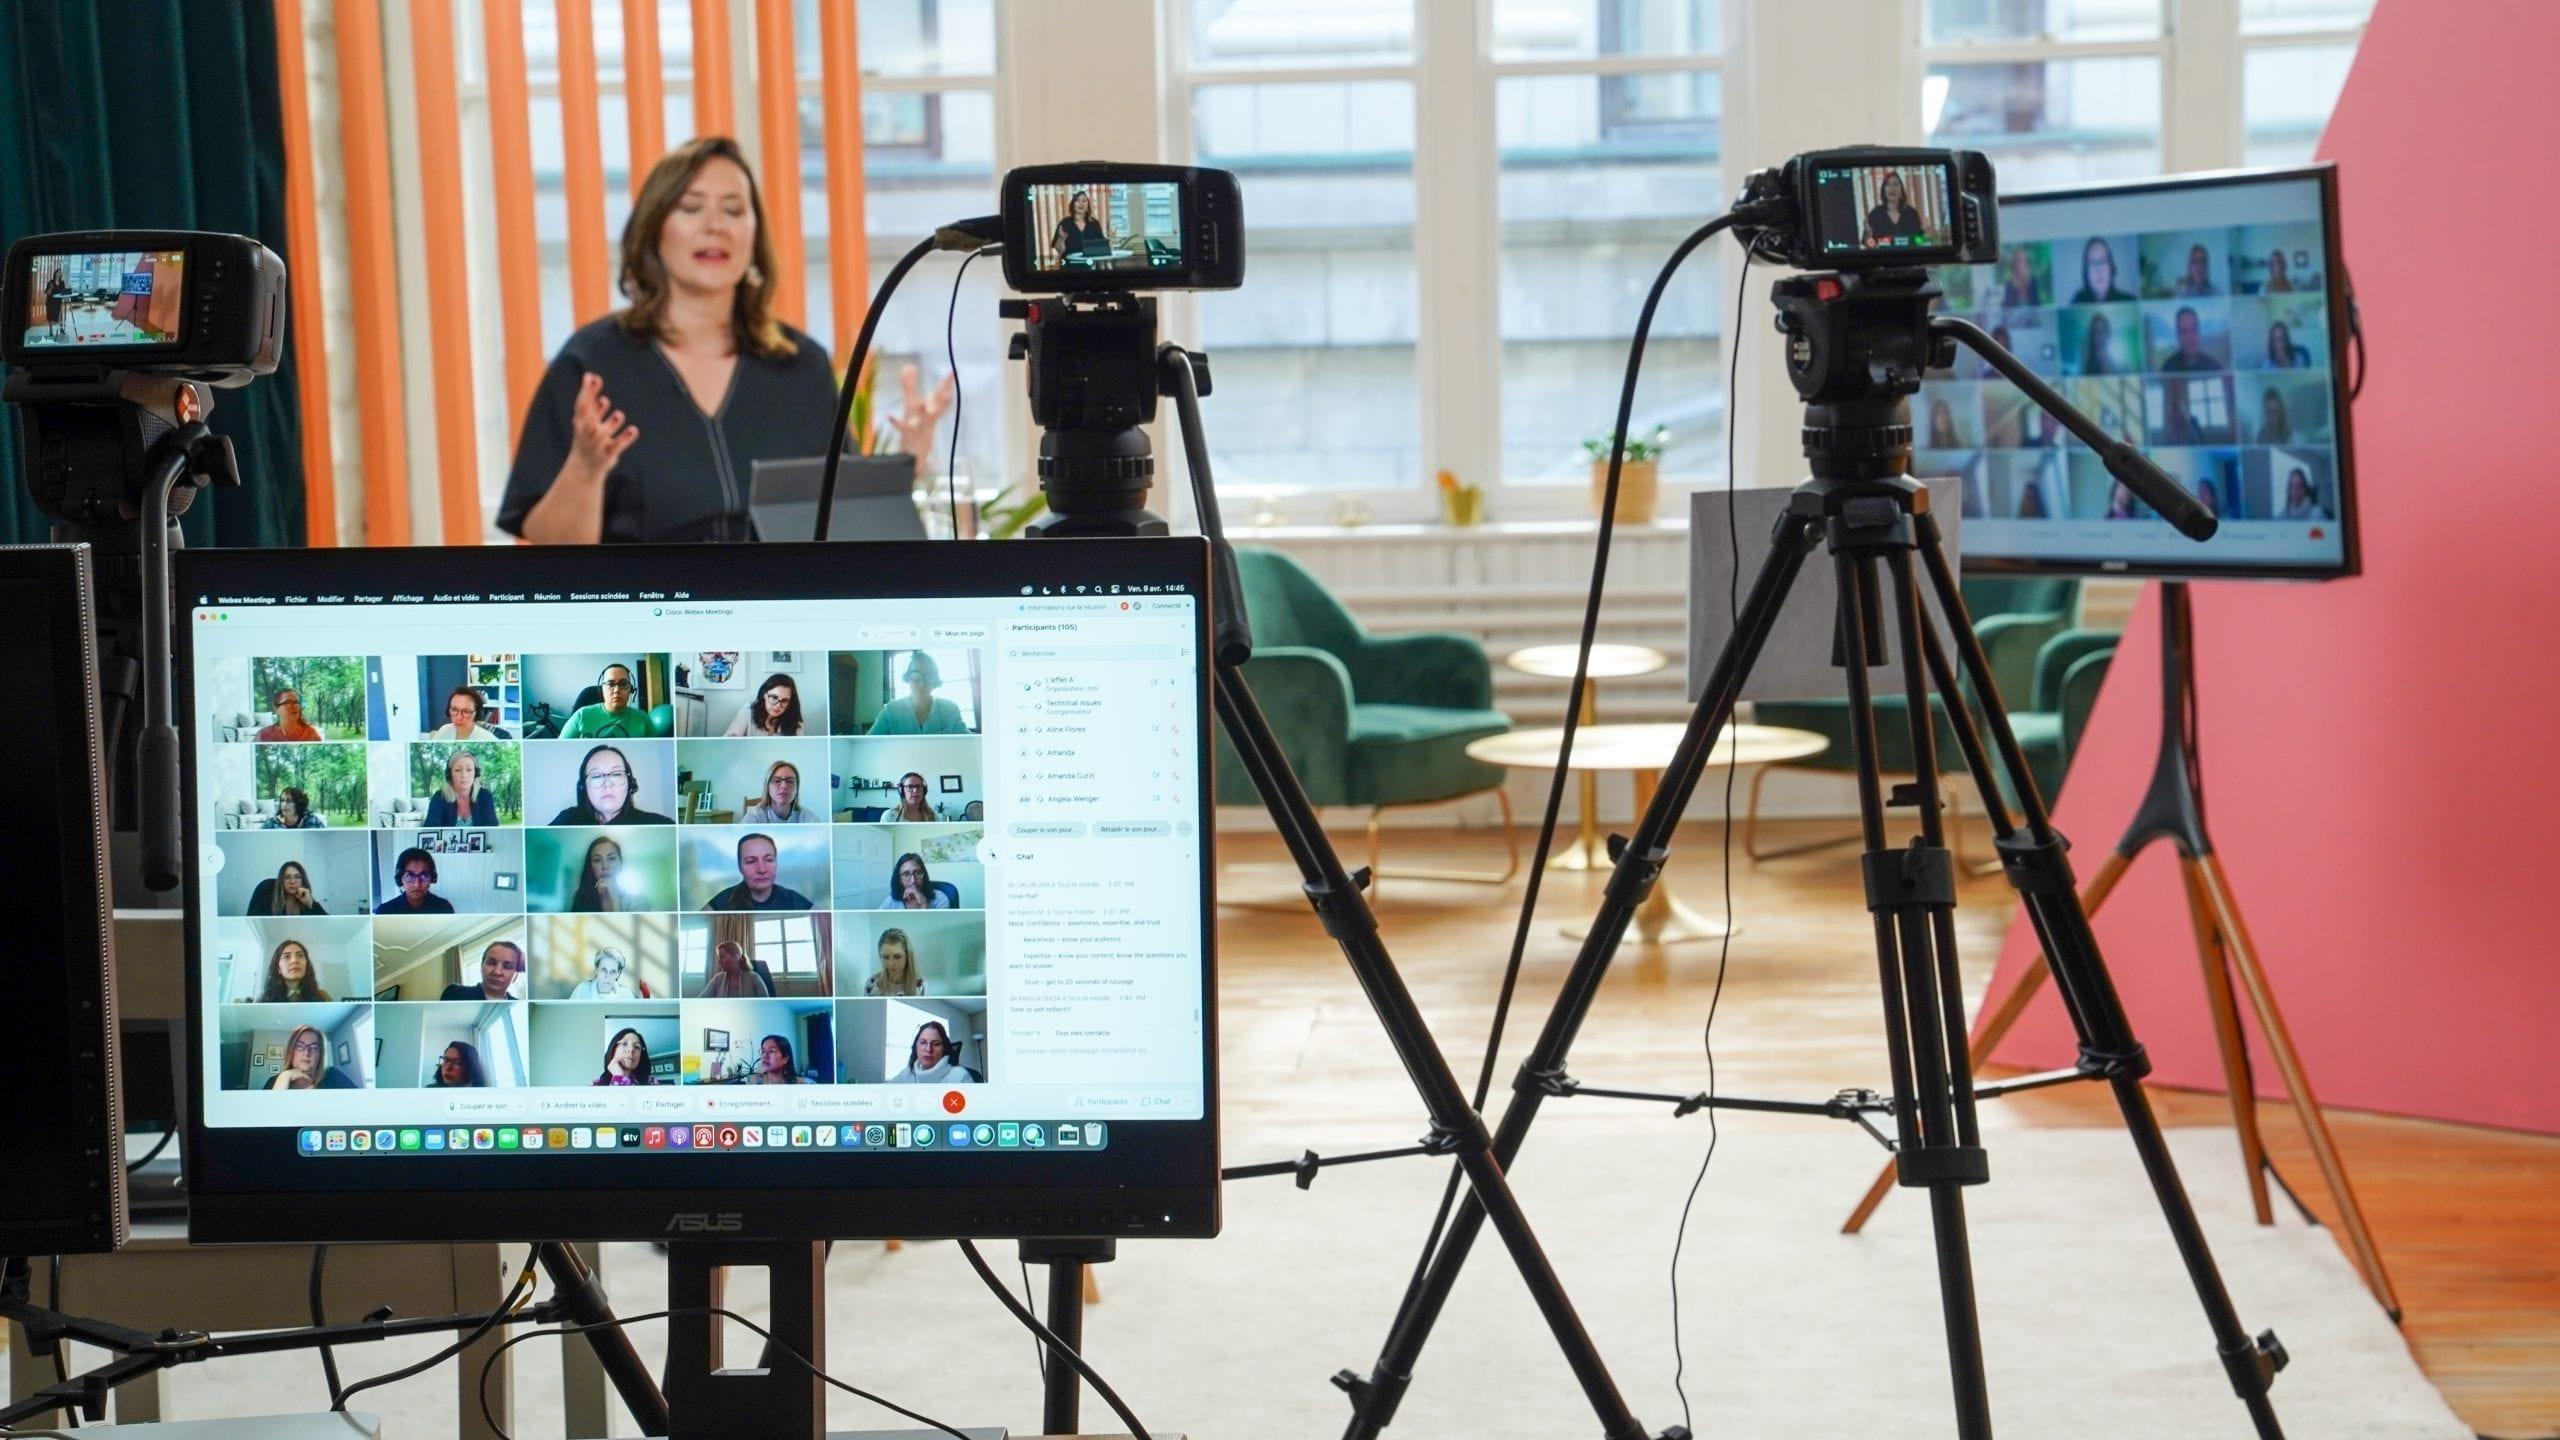 Dessous du tournage d'un événement virtuel